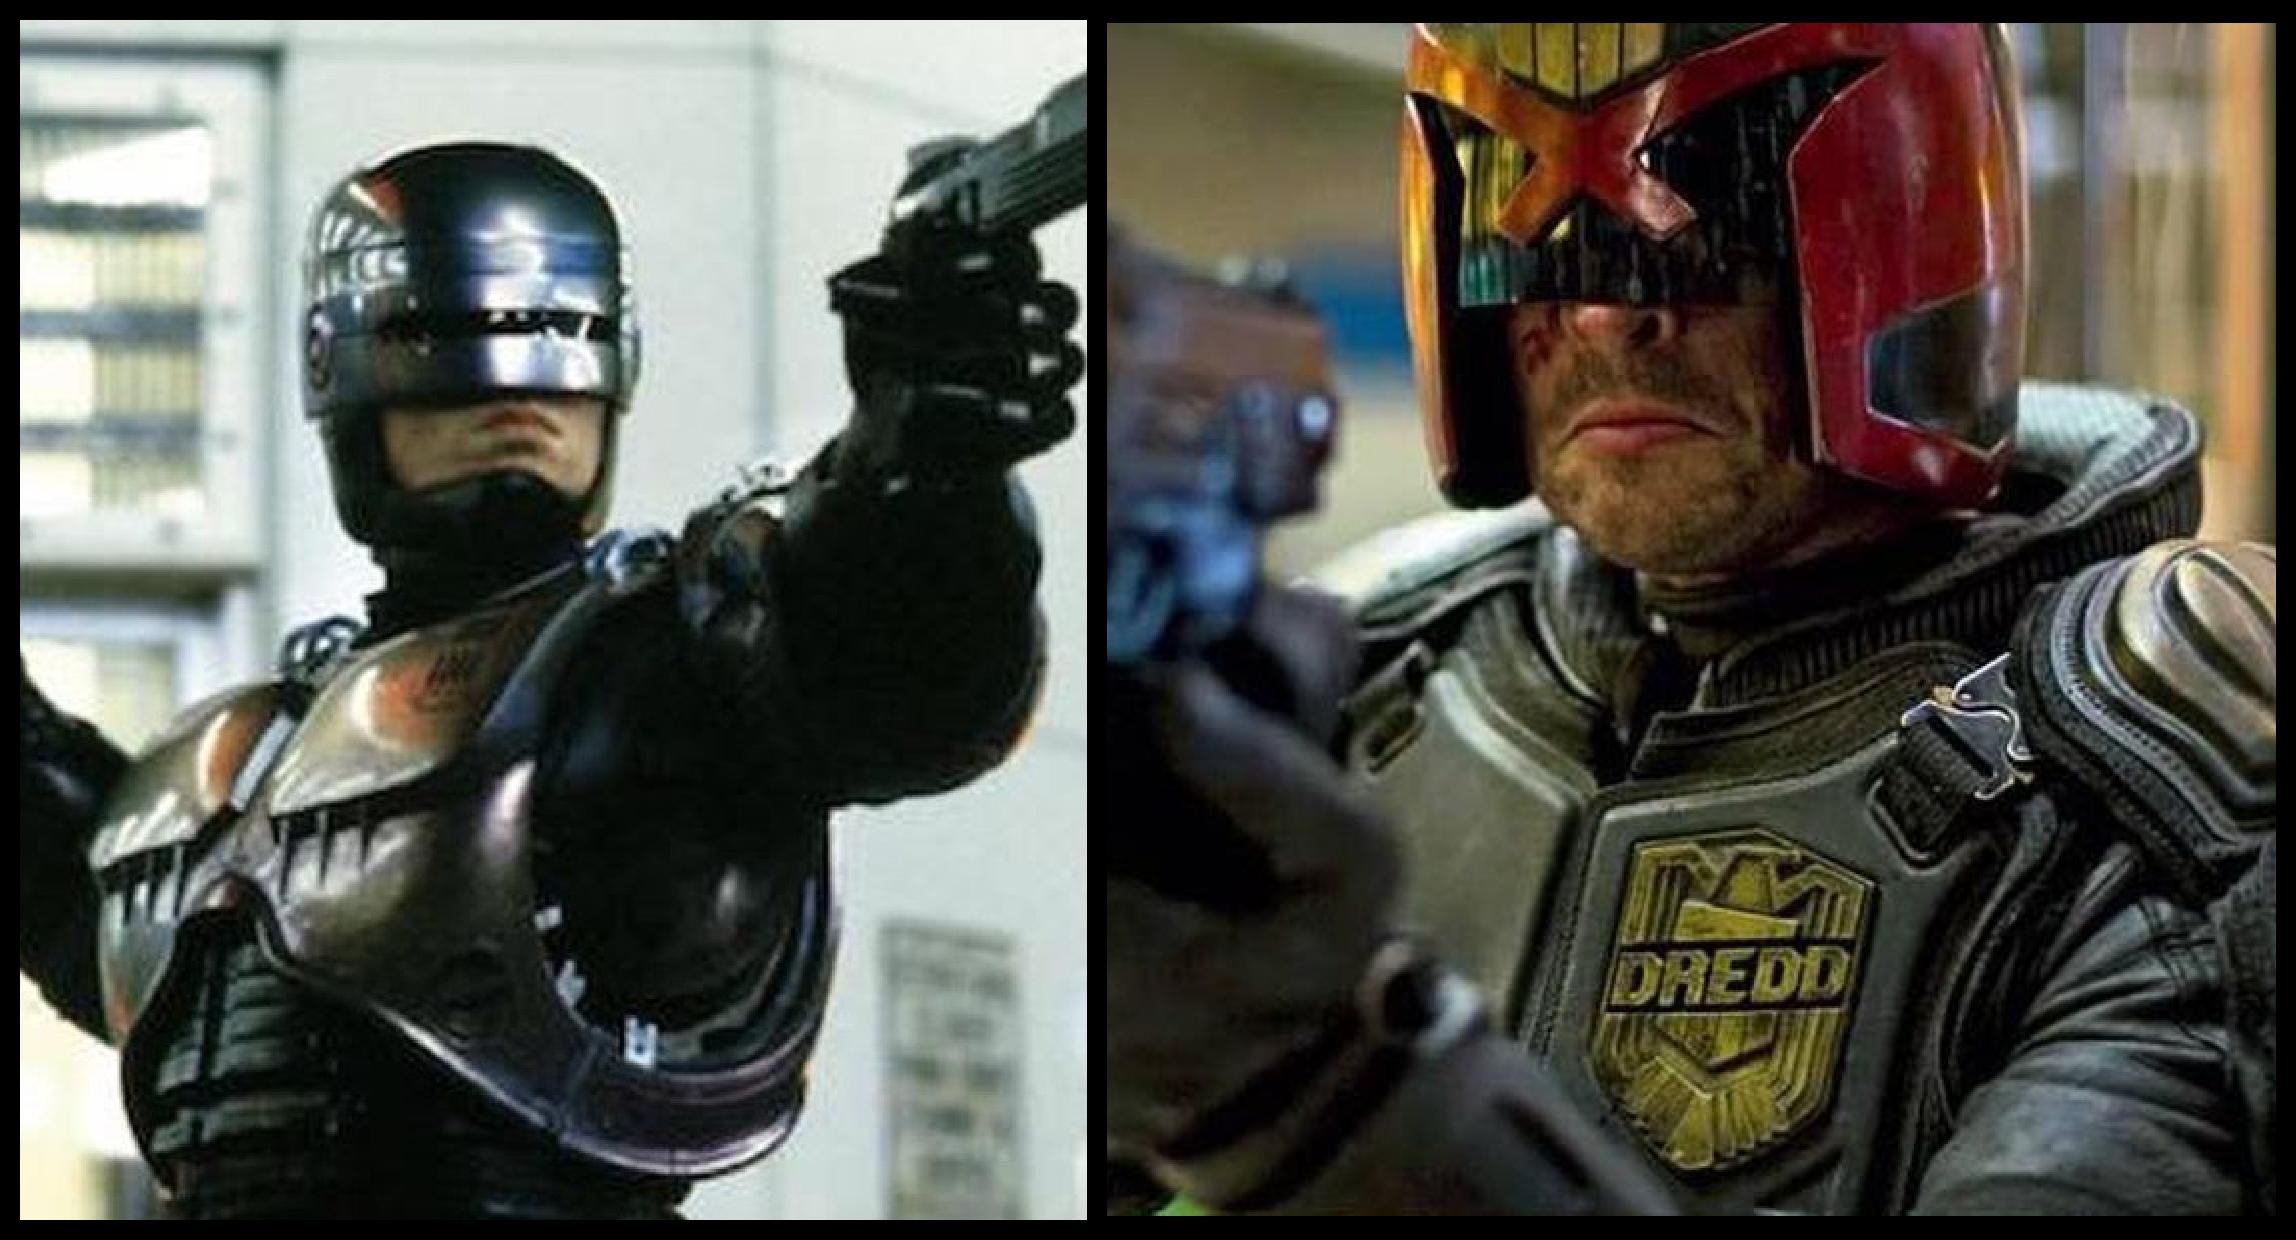 RoboCop vs Dredd Crossover